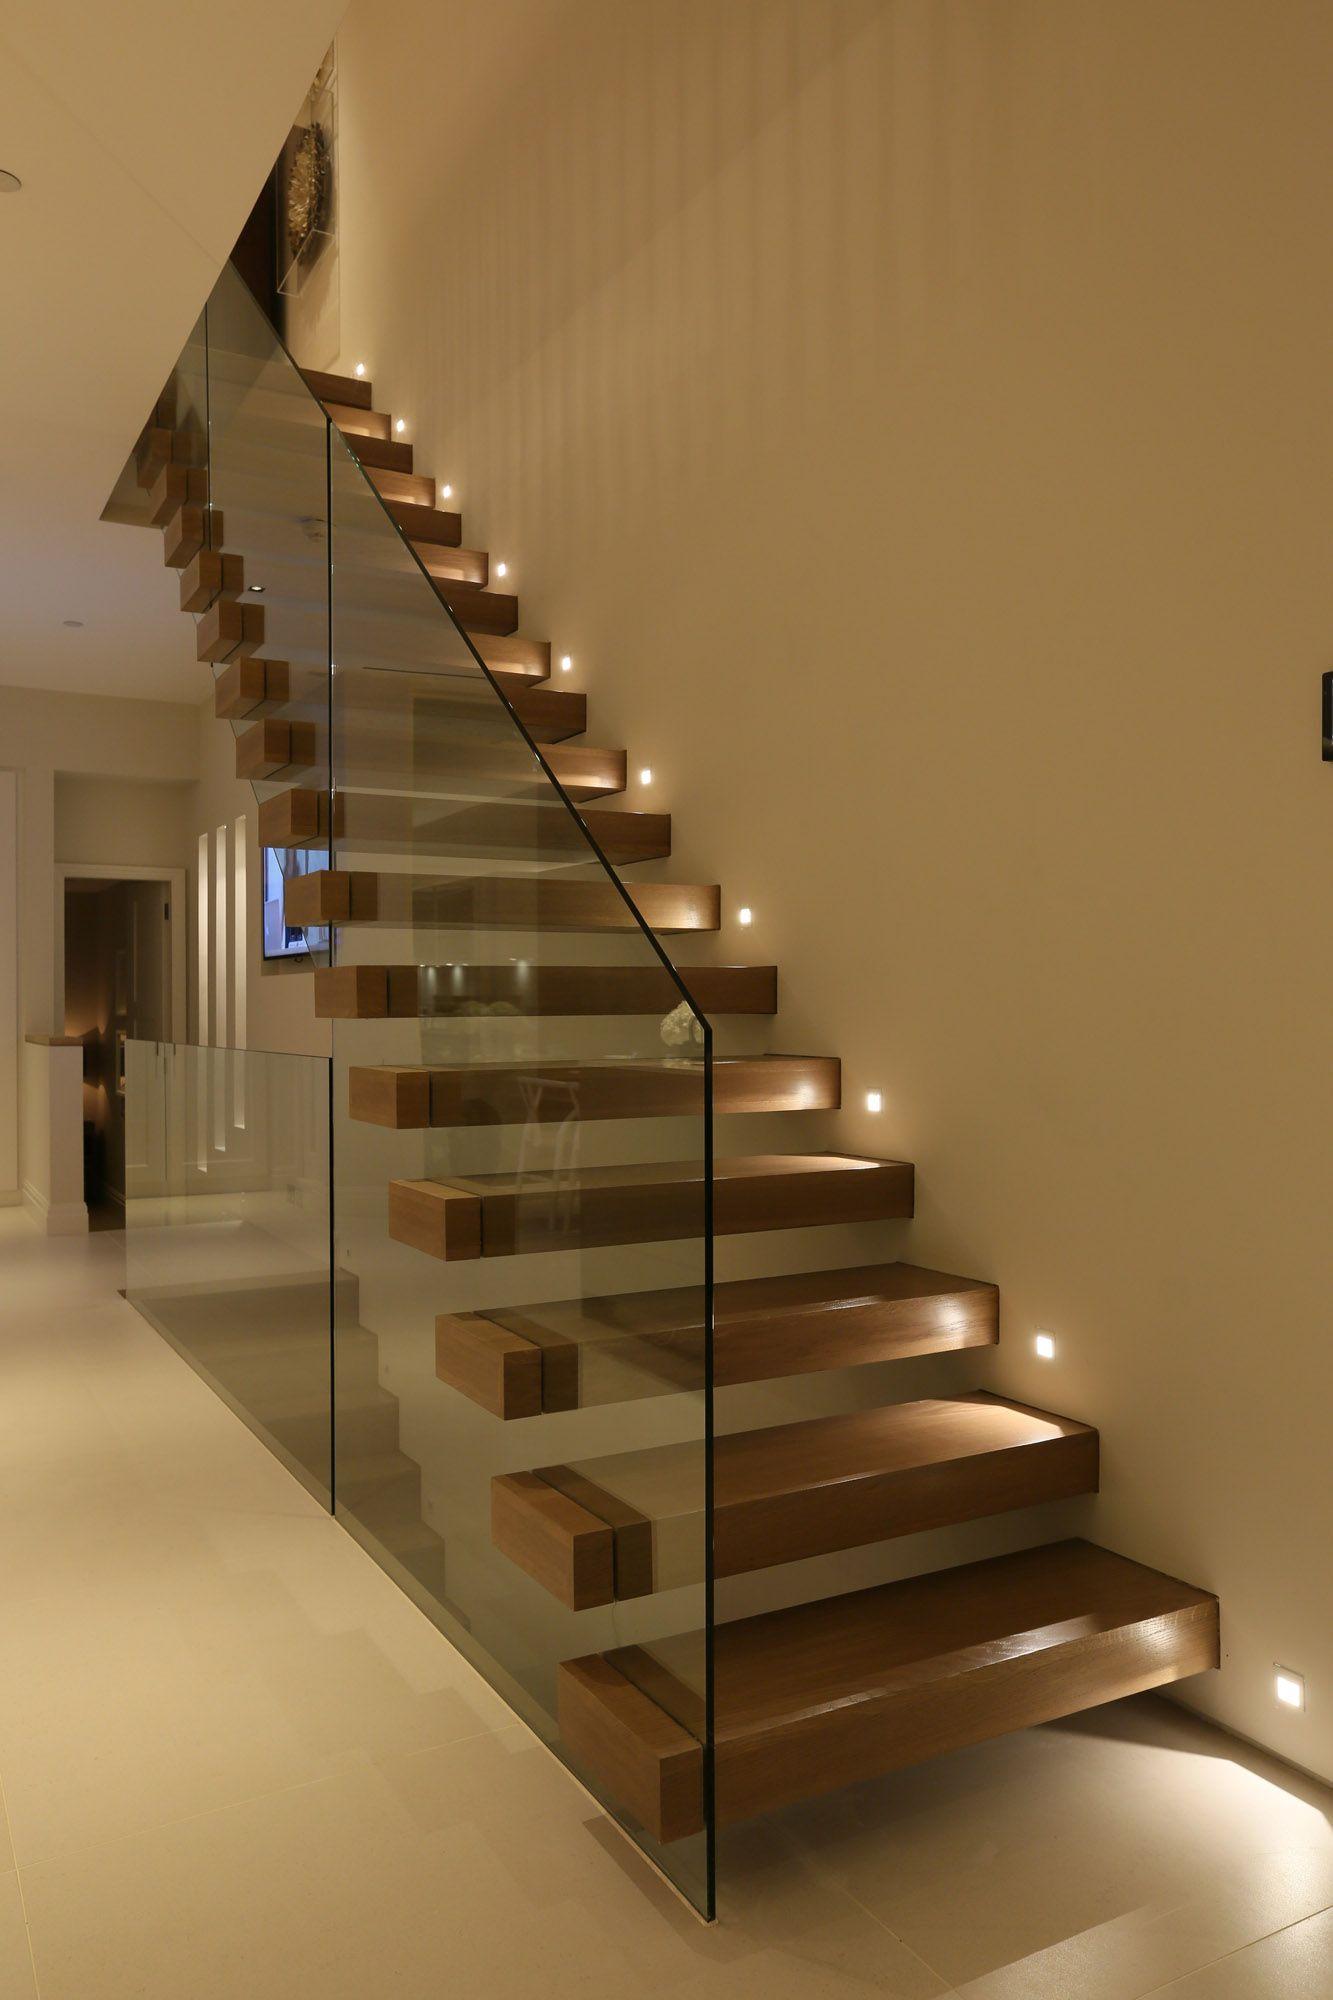 Commercial Basement Stair Lighting: Corridor Lighting (12)